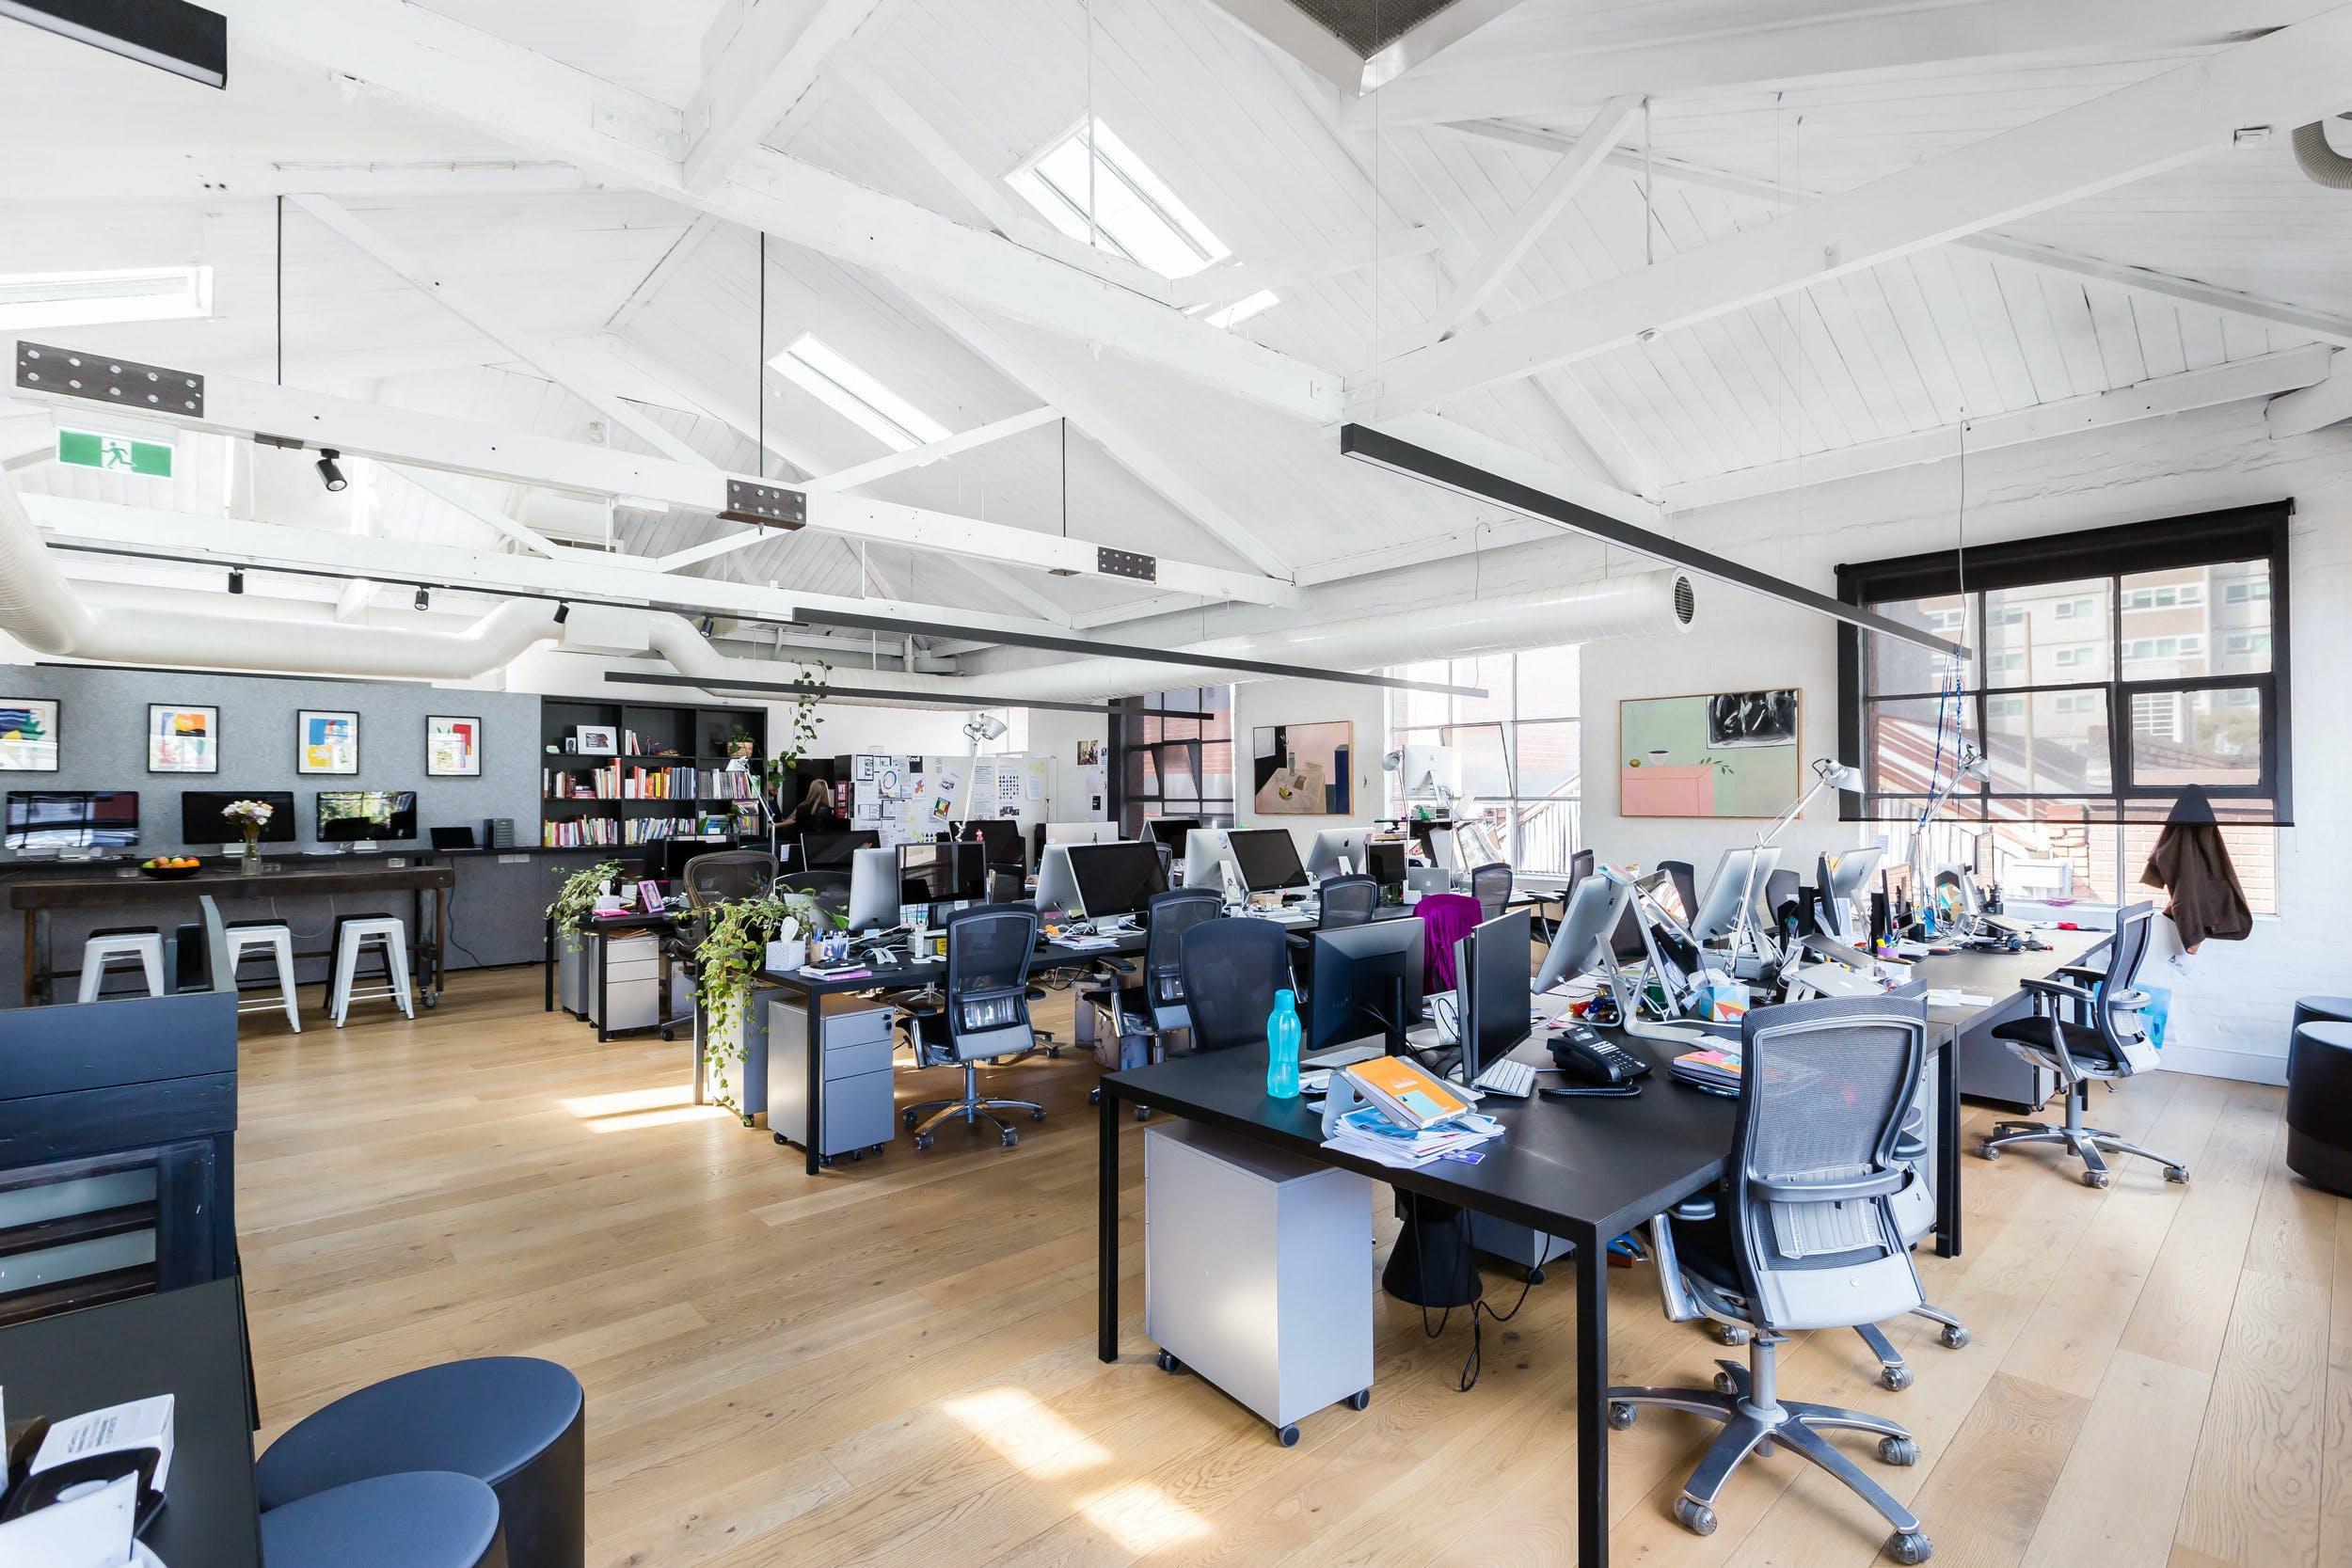 Hot desk at Neighbourhood Work, image 2